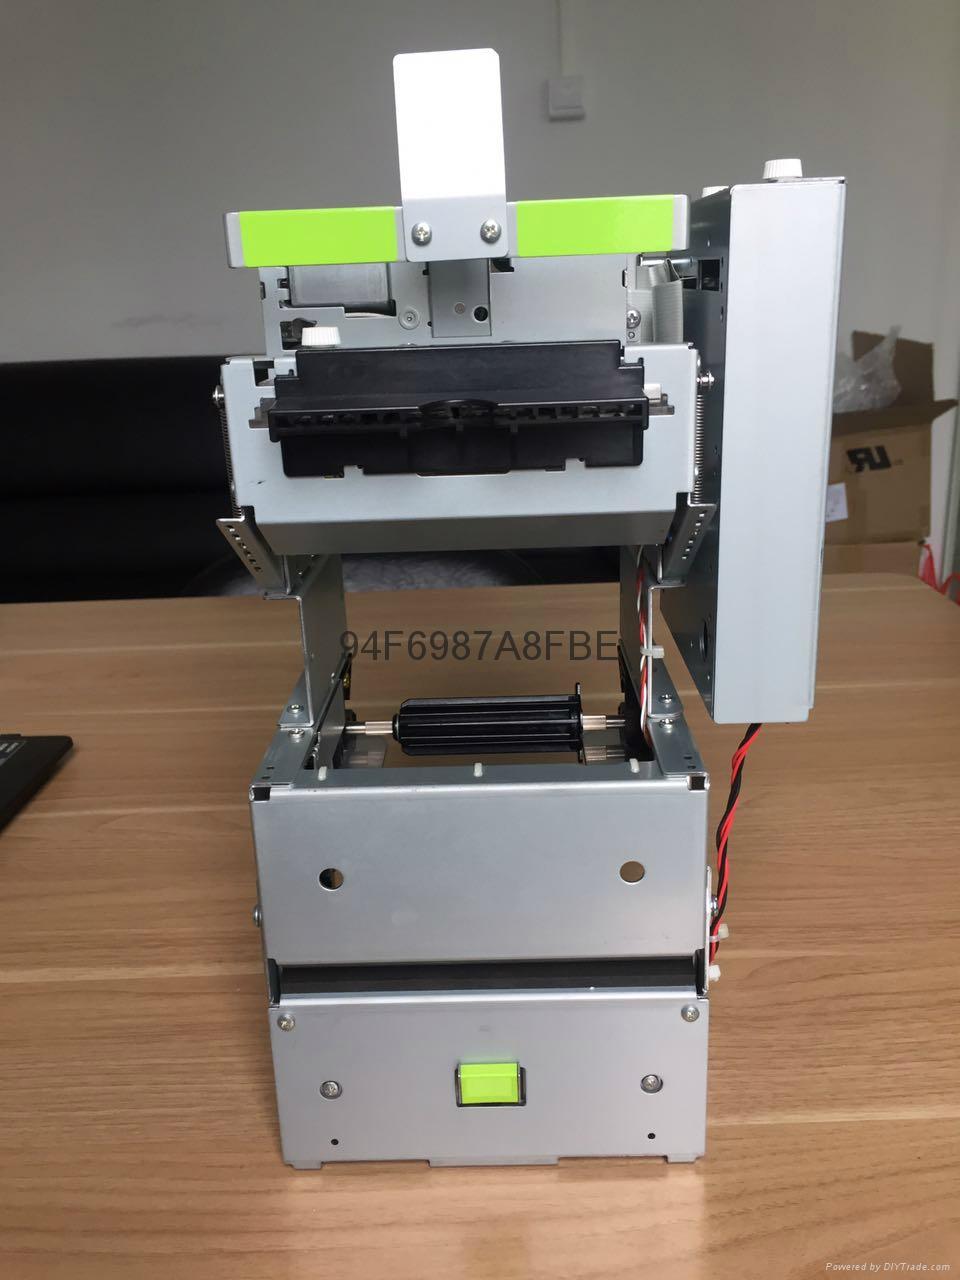 Hot sale 80mm Self service machine kiosk printer EU-T432 3